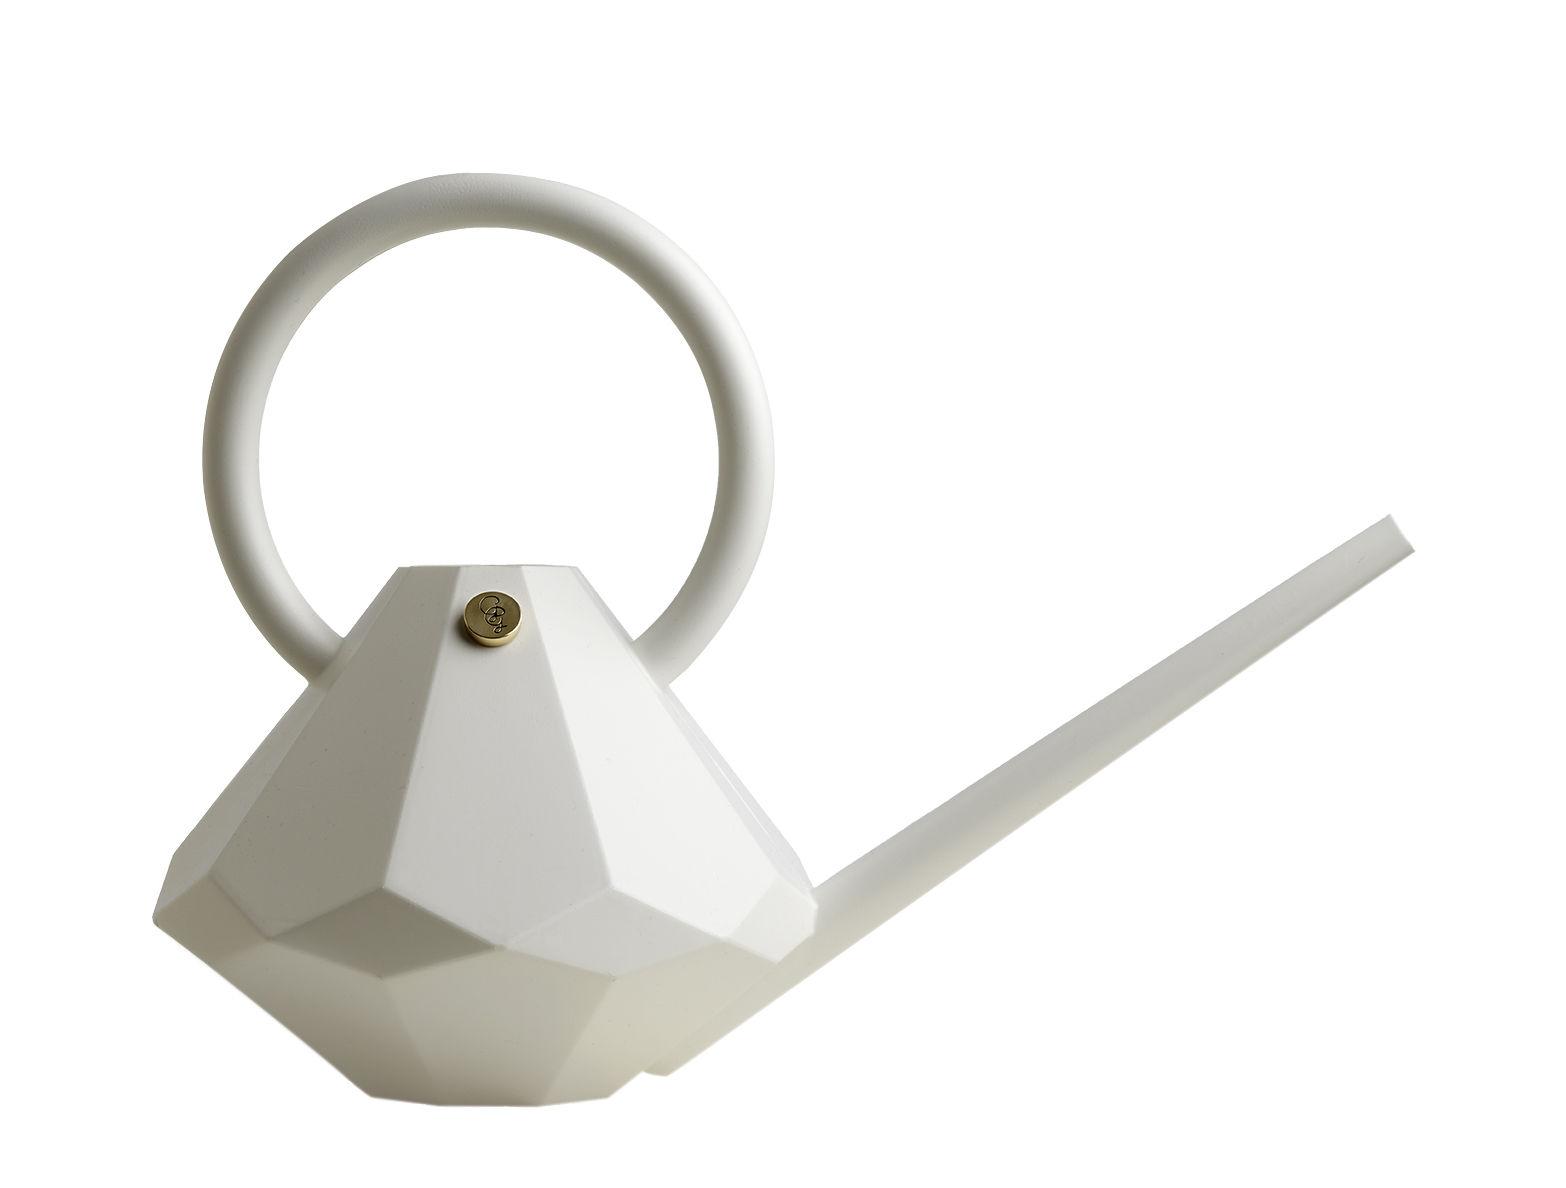 Outdoor - Pots et plantes - Arrosoir Diamond Small / Plastique - 4 L - Garden Glory - Blanc perle - Laiton, Plastique